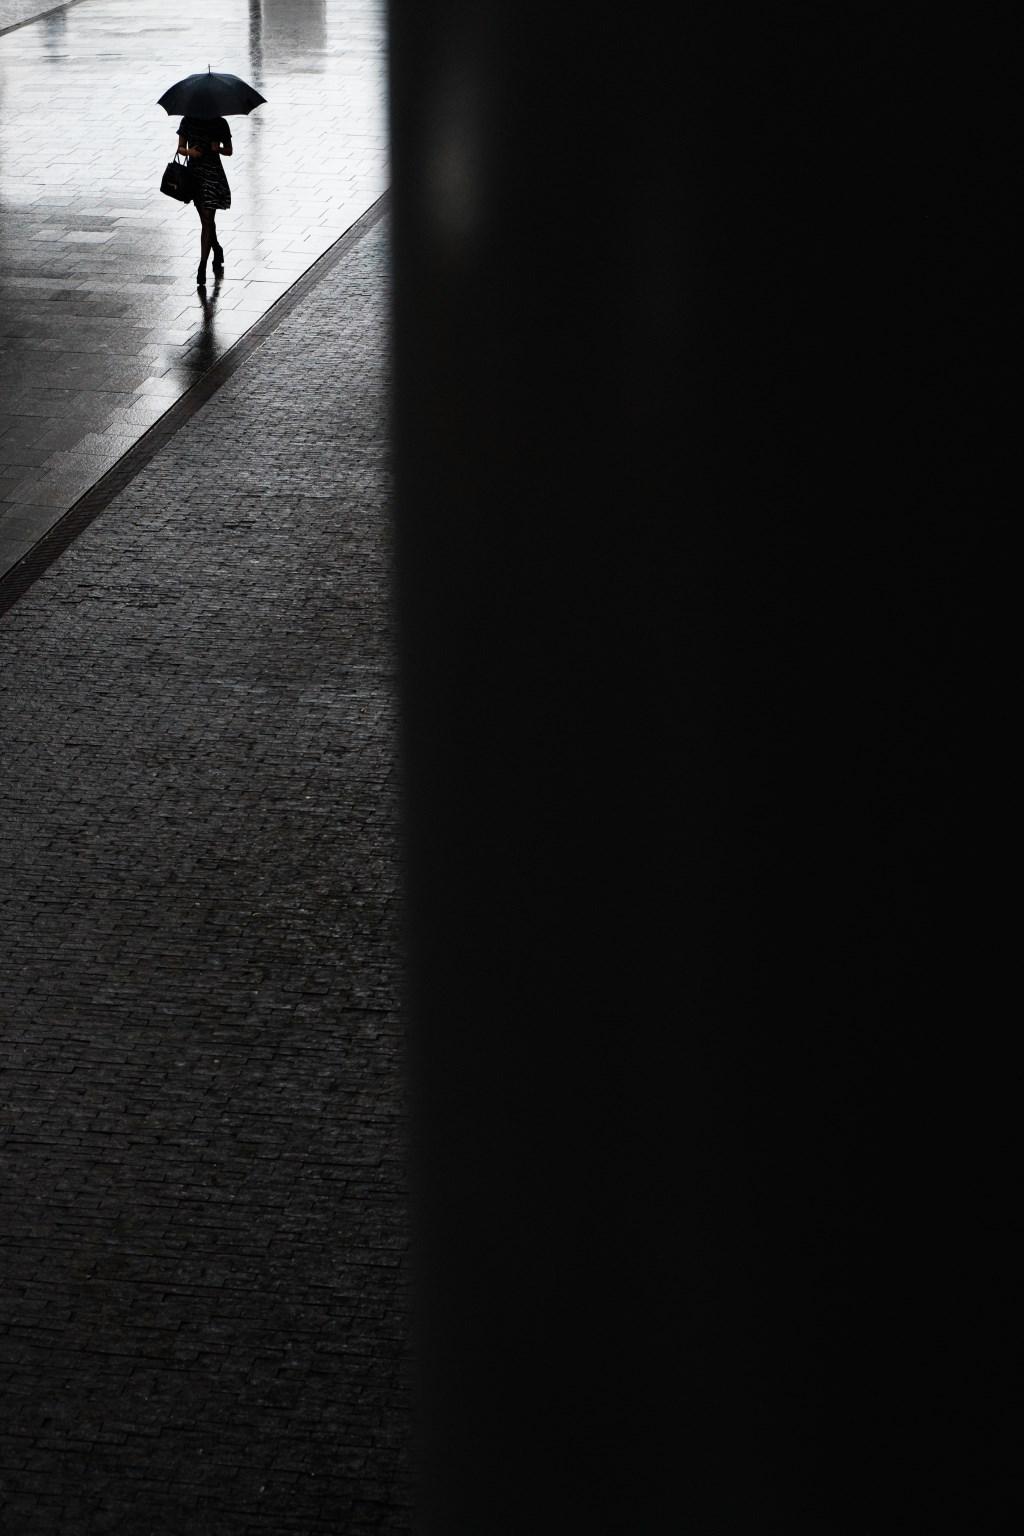 Crossed Legs, Amsterdam. Bas Hordijk © BDU media